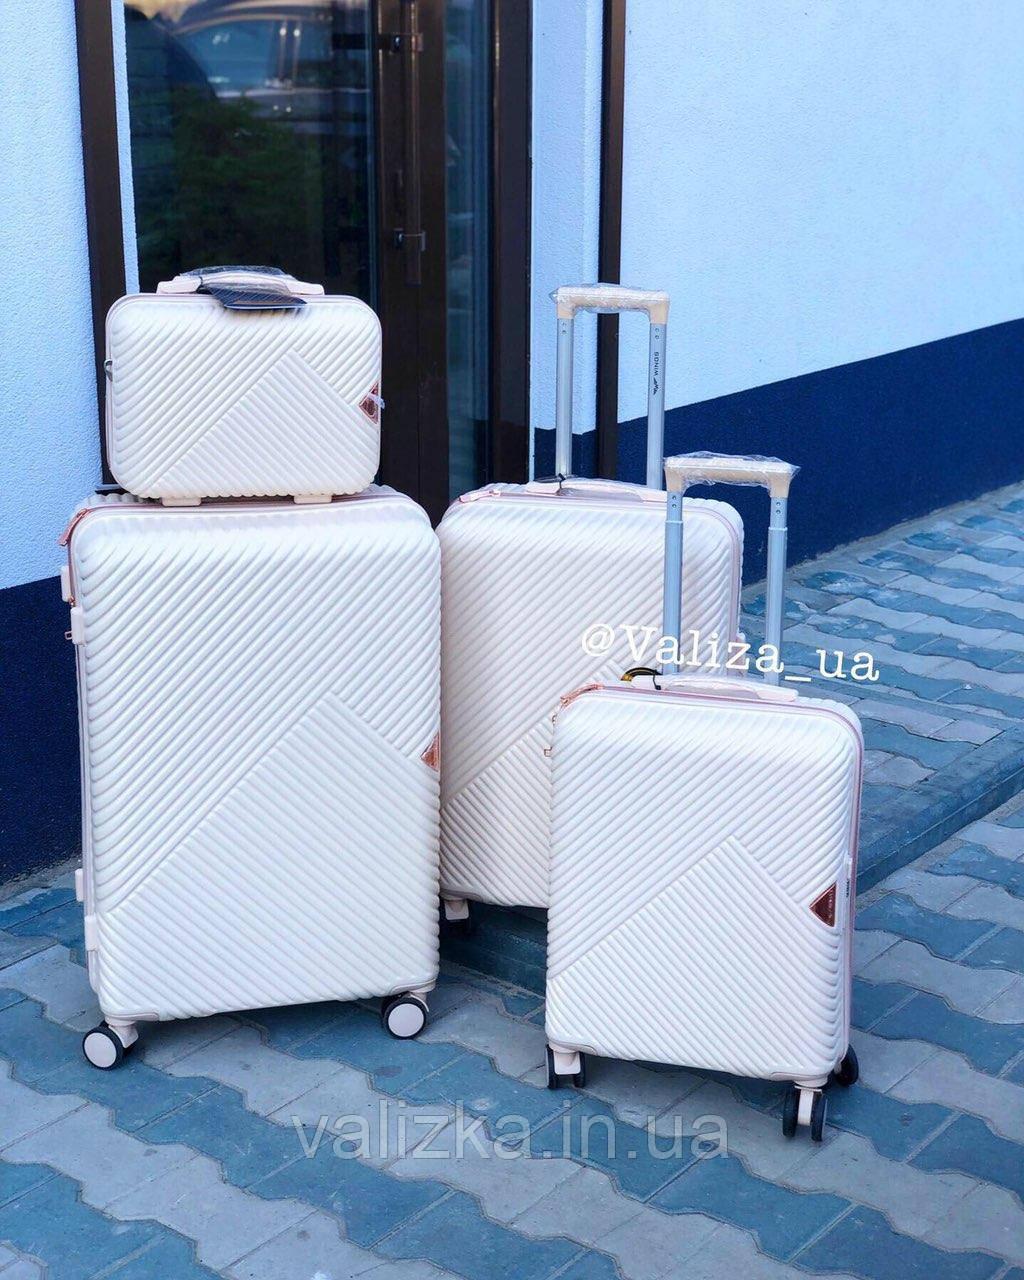 Комплект чемоданов из поликарбоната премиум серии 3 штуки малый, средний, большой + бьюти кейс молочный